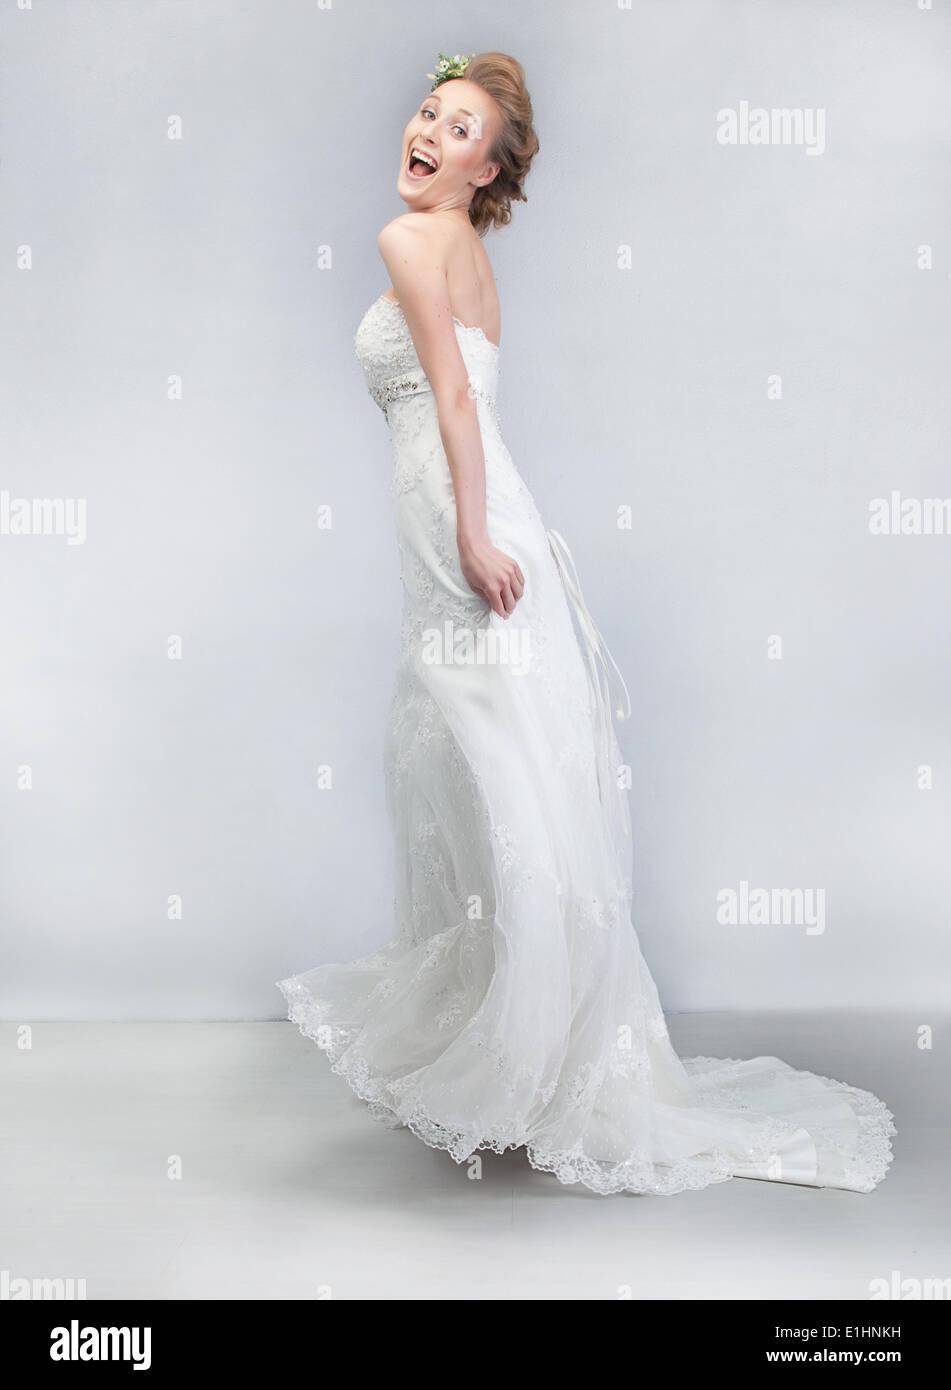 Hochzeitstanz - Schuss fröhliche junge lustige Verlobte in langen ...